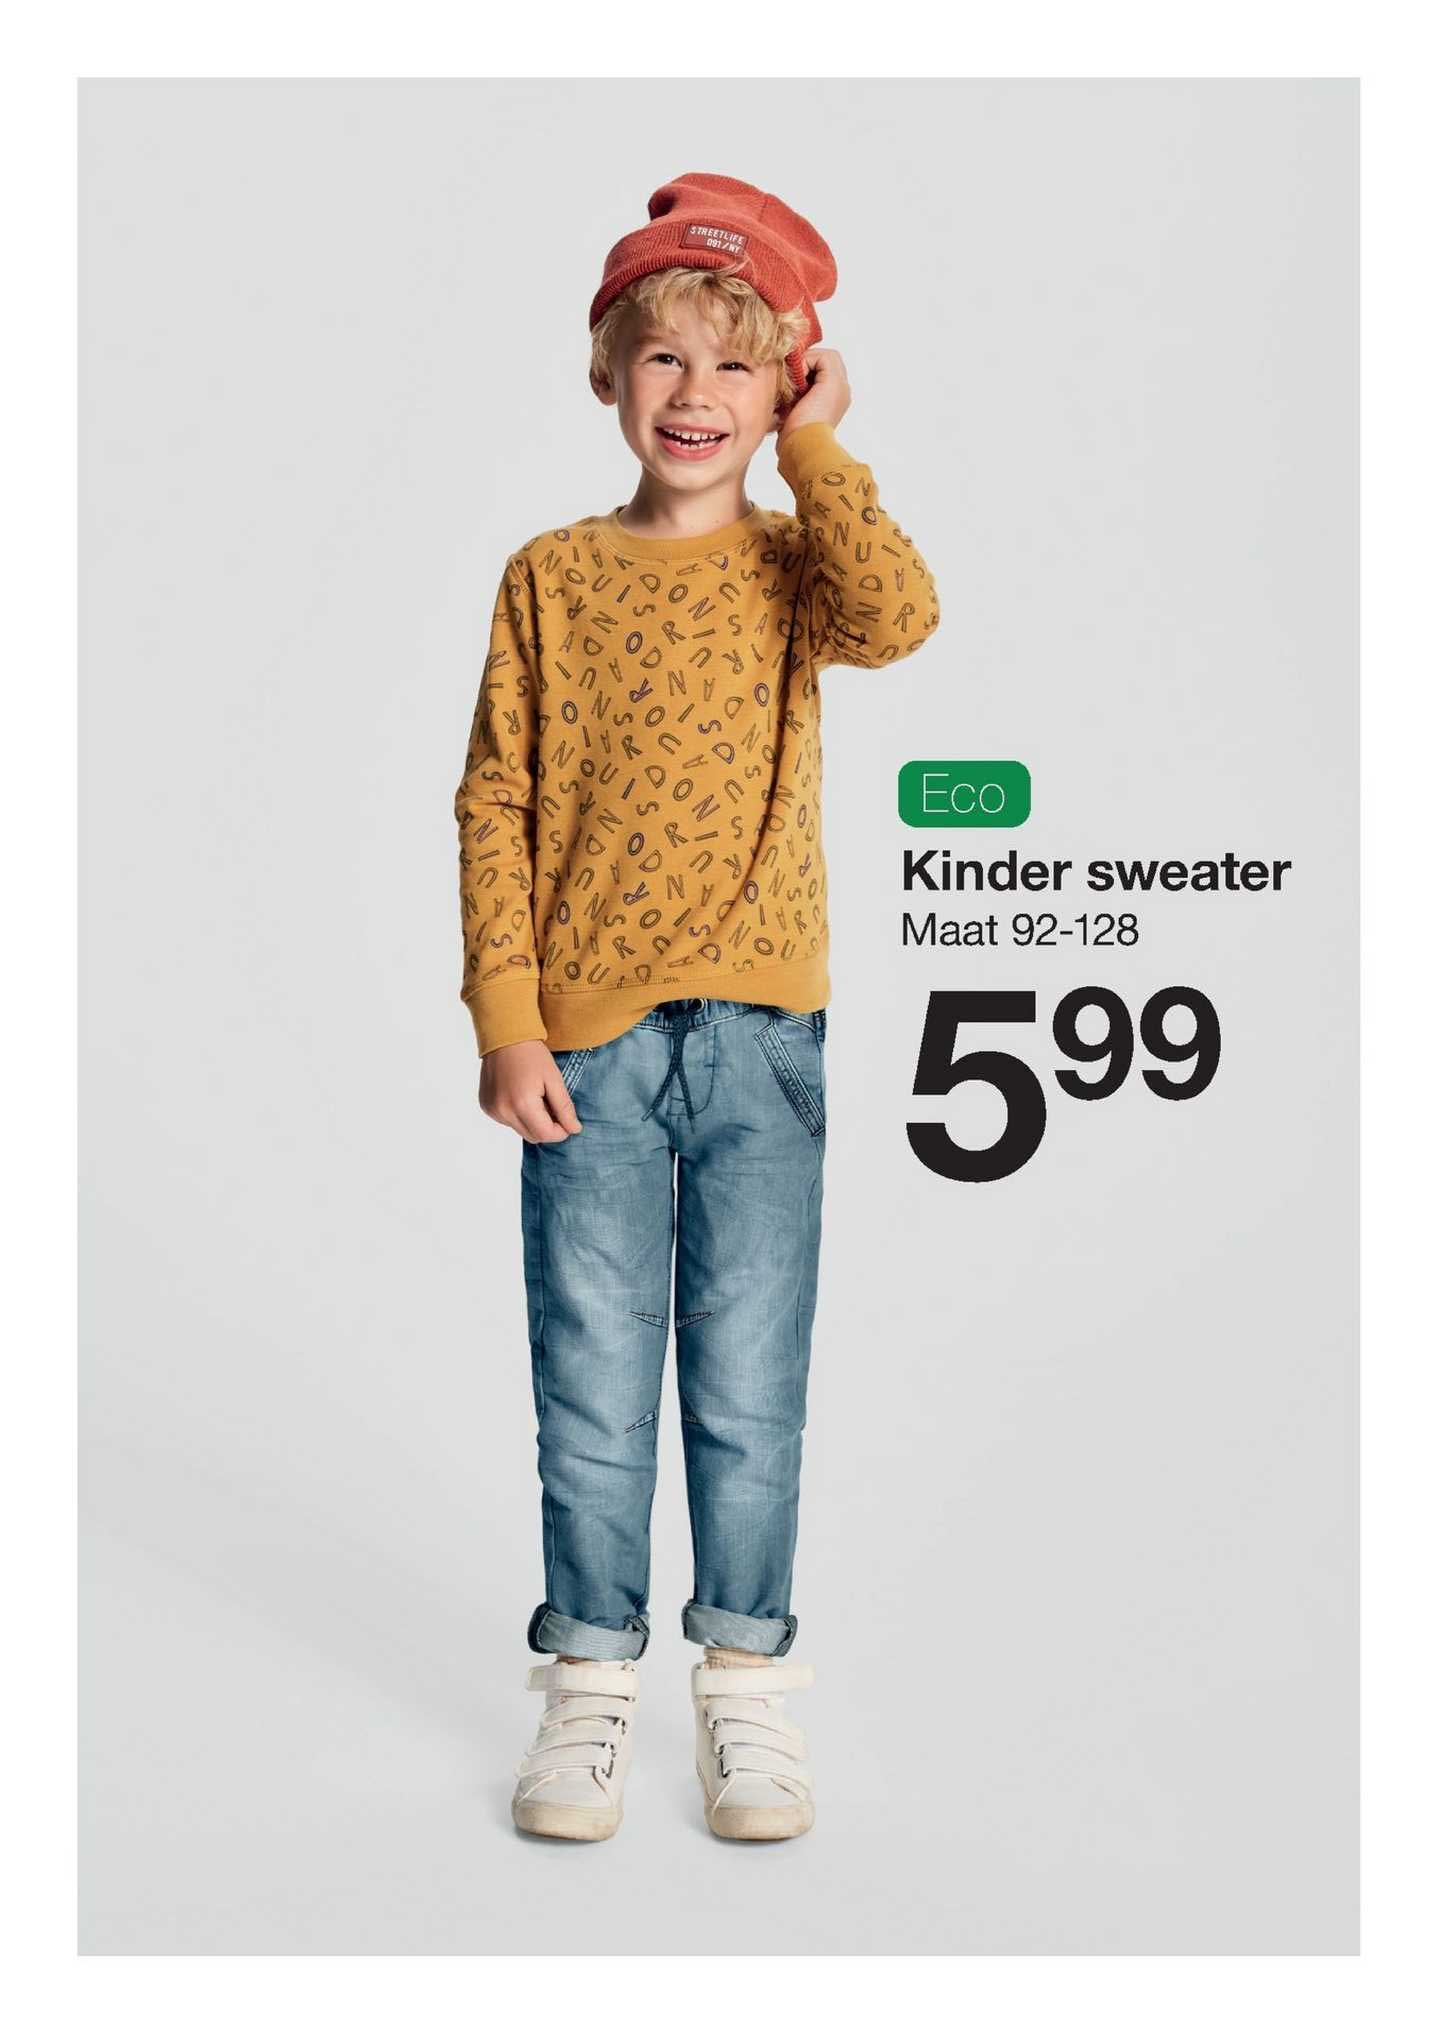 Zeeman Kinder Sweater